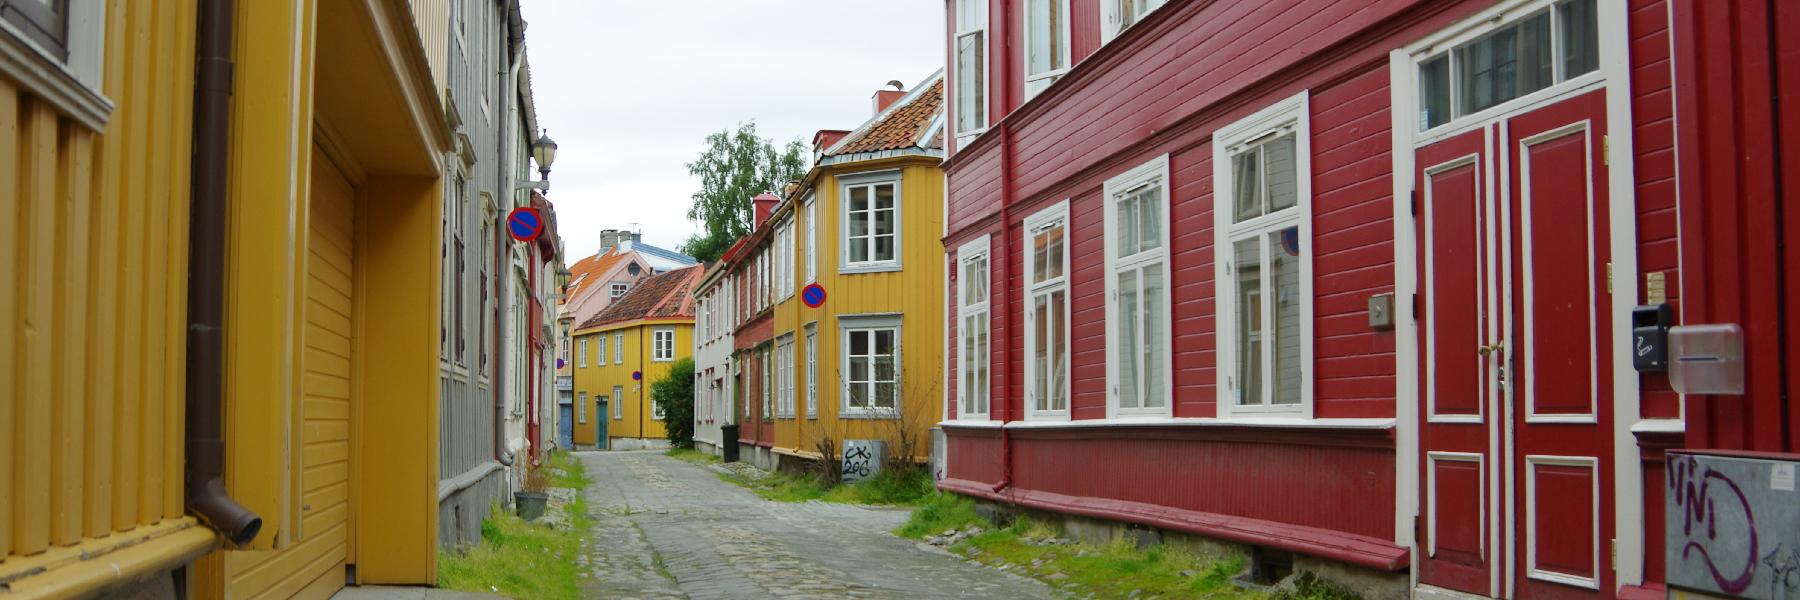 Trondheim/ Norwegen